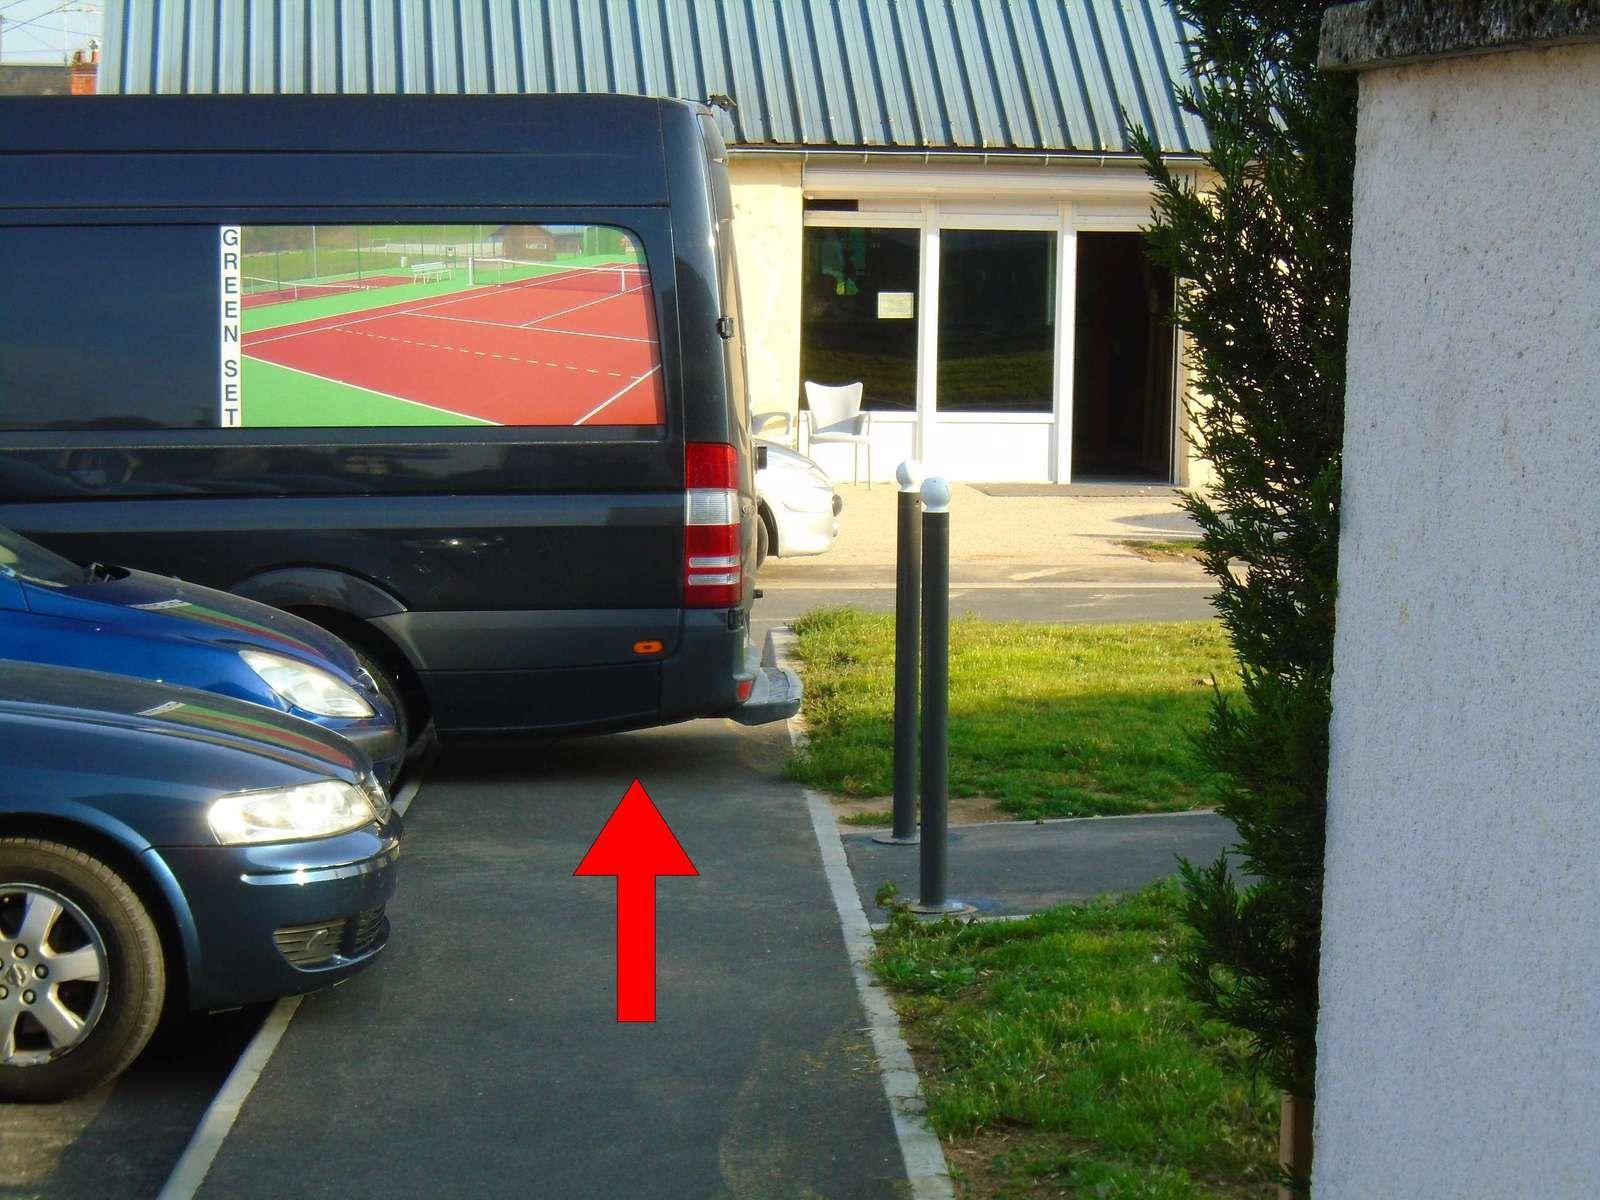 De la rue Arago vers la rue de  Bel air, des véhicules ont tendance à empièter sur l'espace prévu pour les piétons !